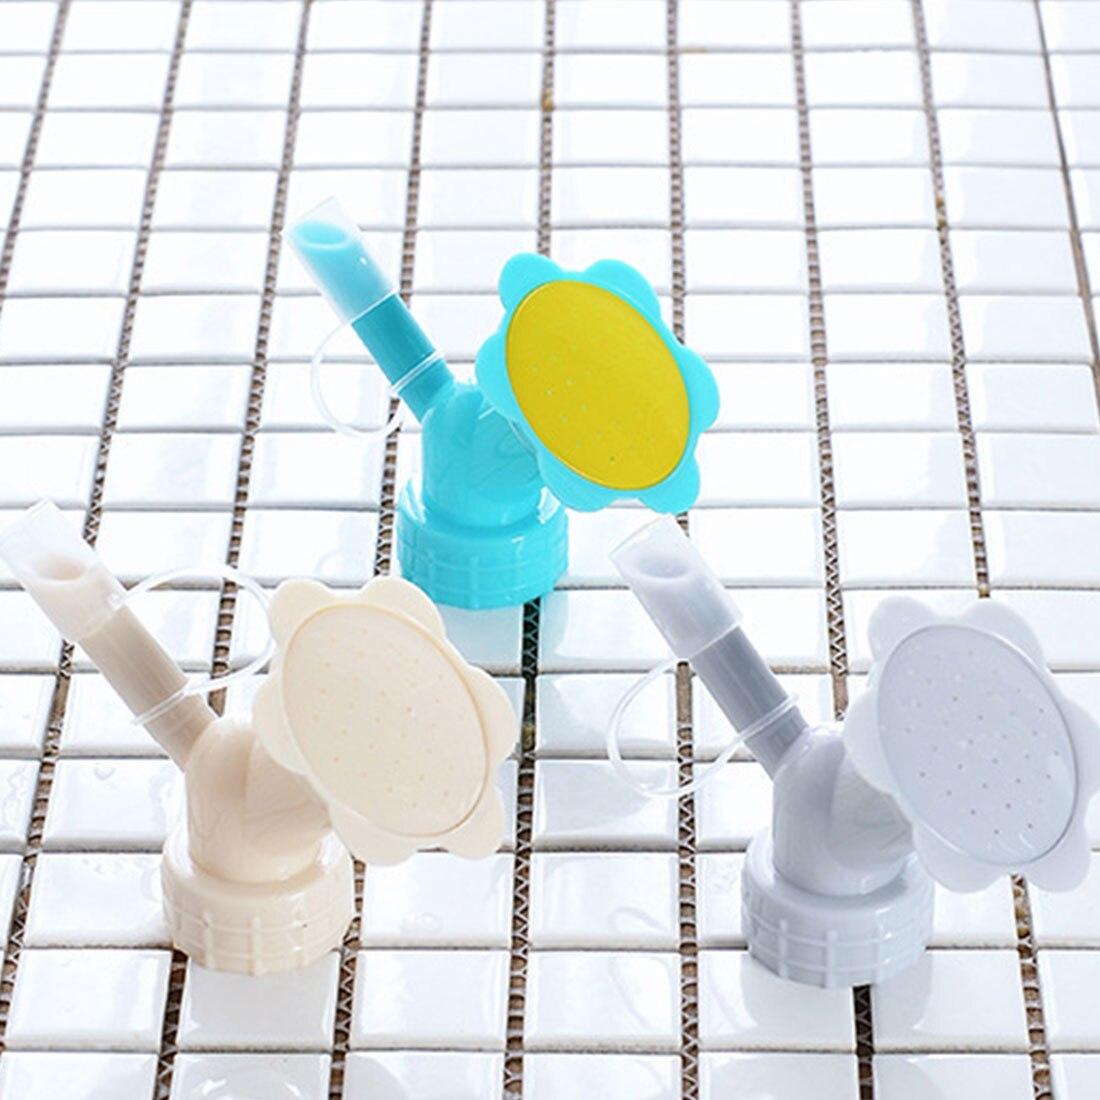 1pc Garten Sprinkler Kunststoff Tragbare Anlage Garten Bewässerung Düse Werkzeug Spray Waterer Wasser Dosen für Blume Bewässerung-in Garten-Sprinkler aus Heim und Garten bei